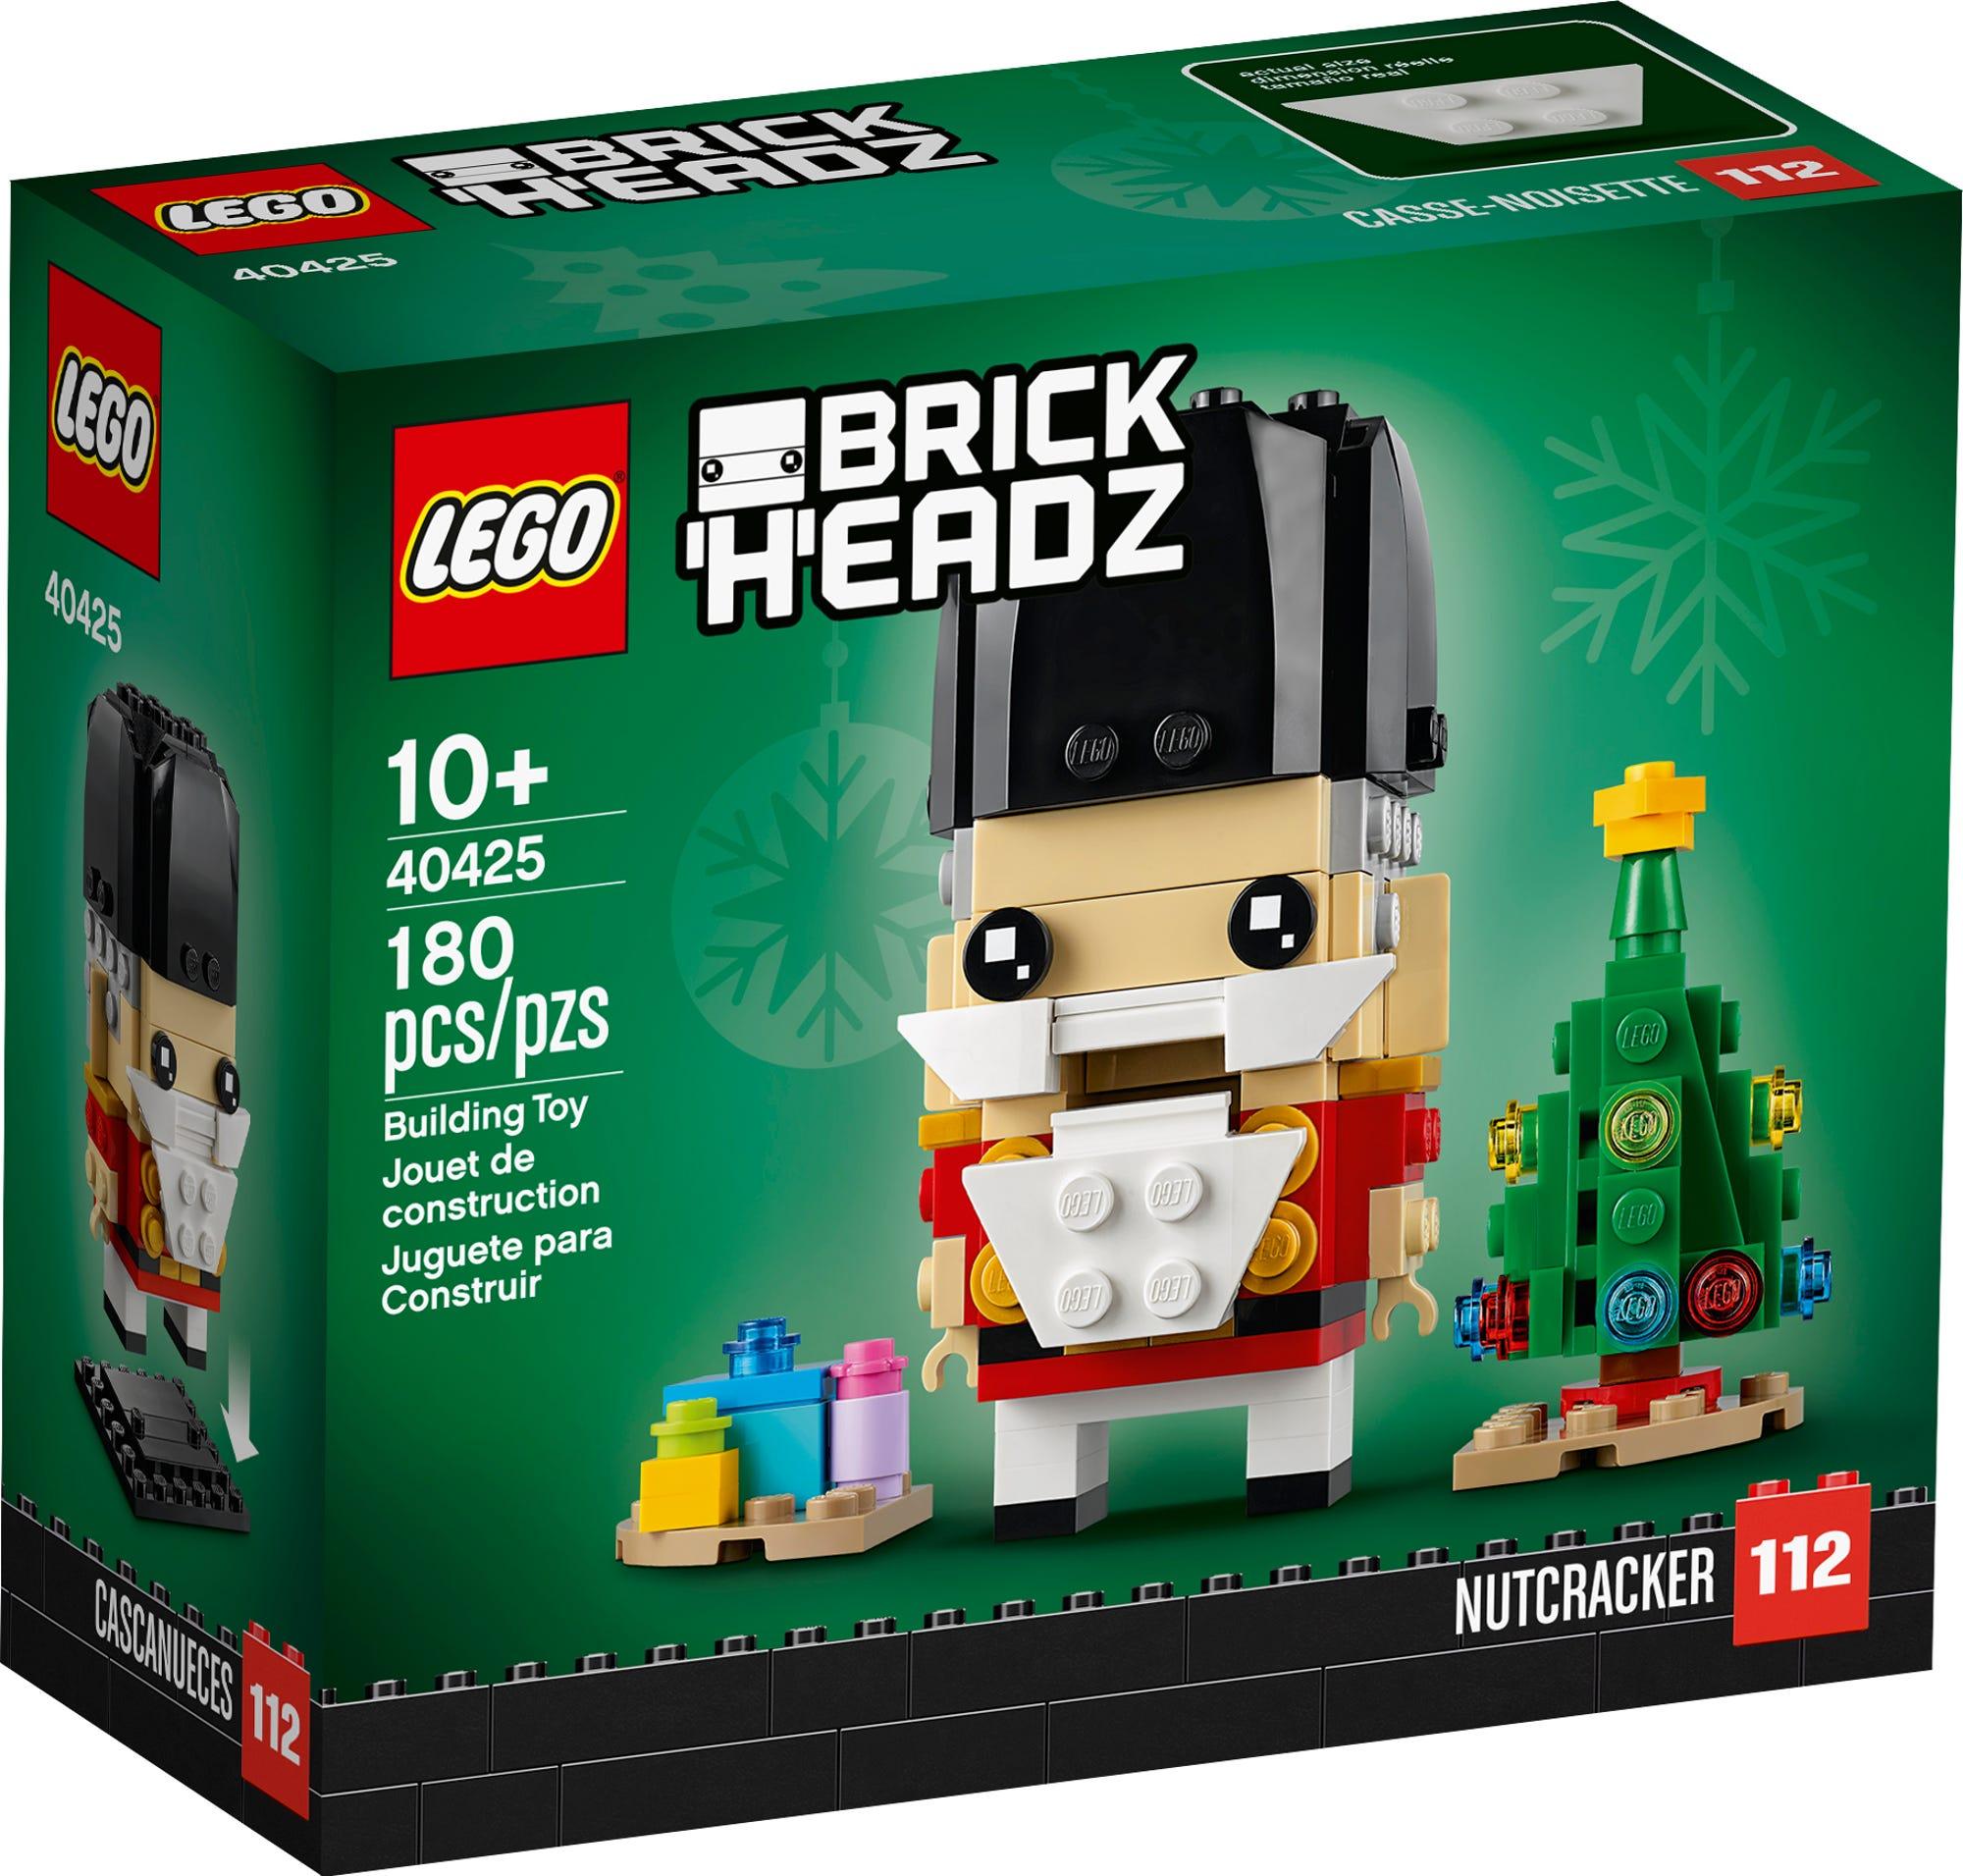 LEGO 40425 Nussknacker Brickheadz (2)